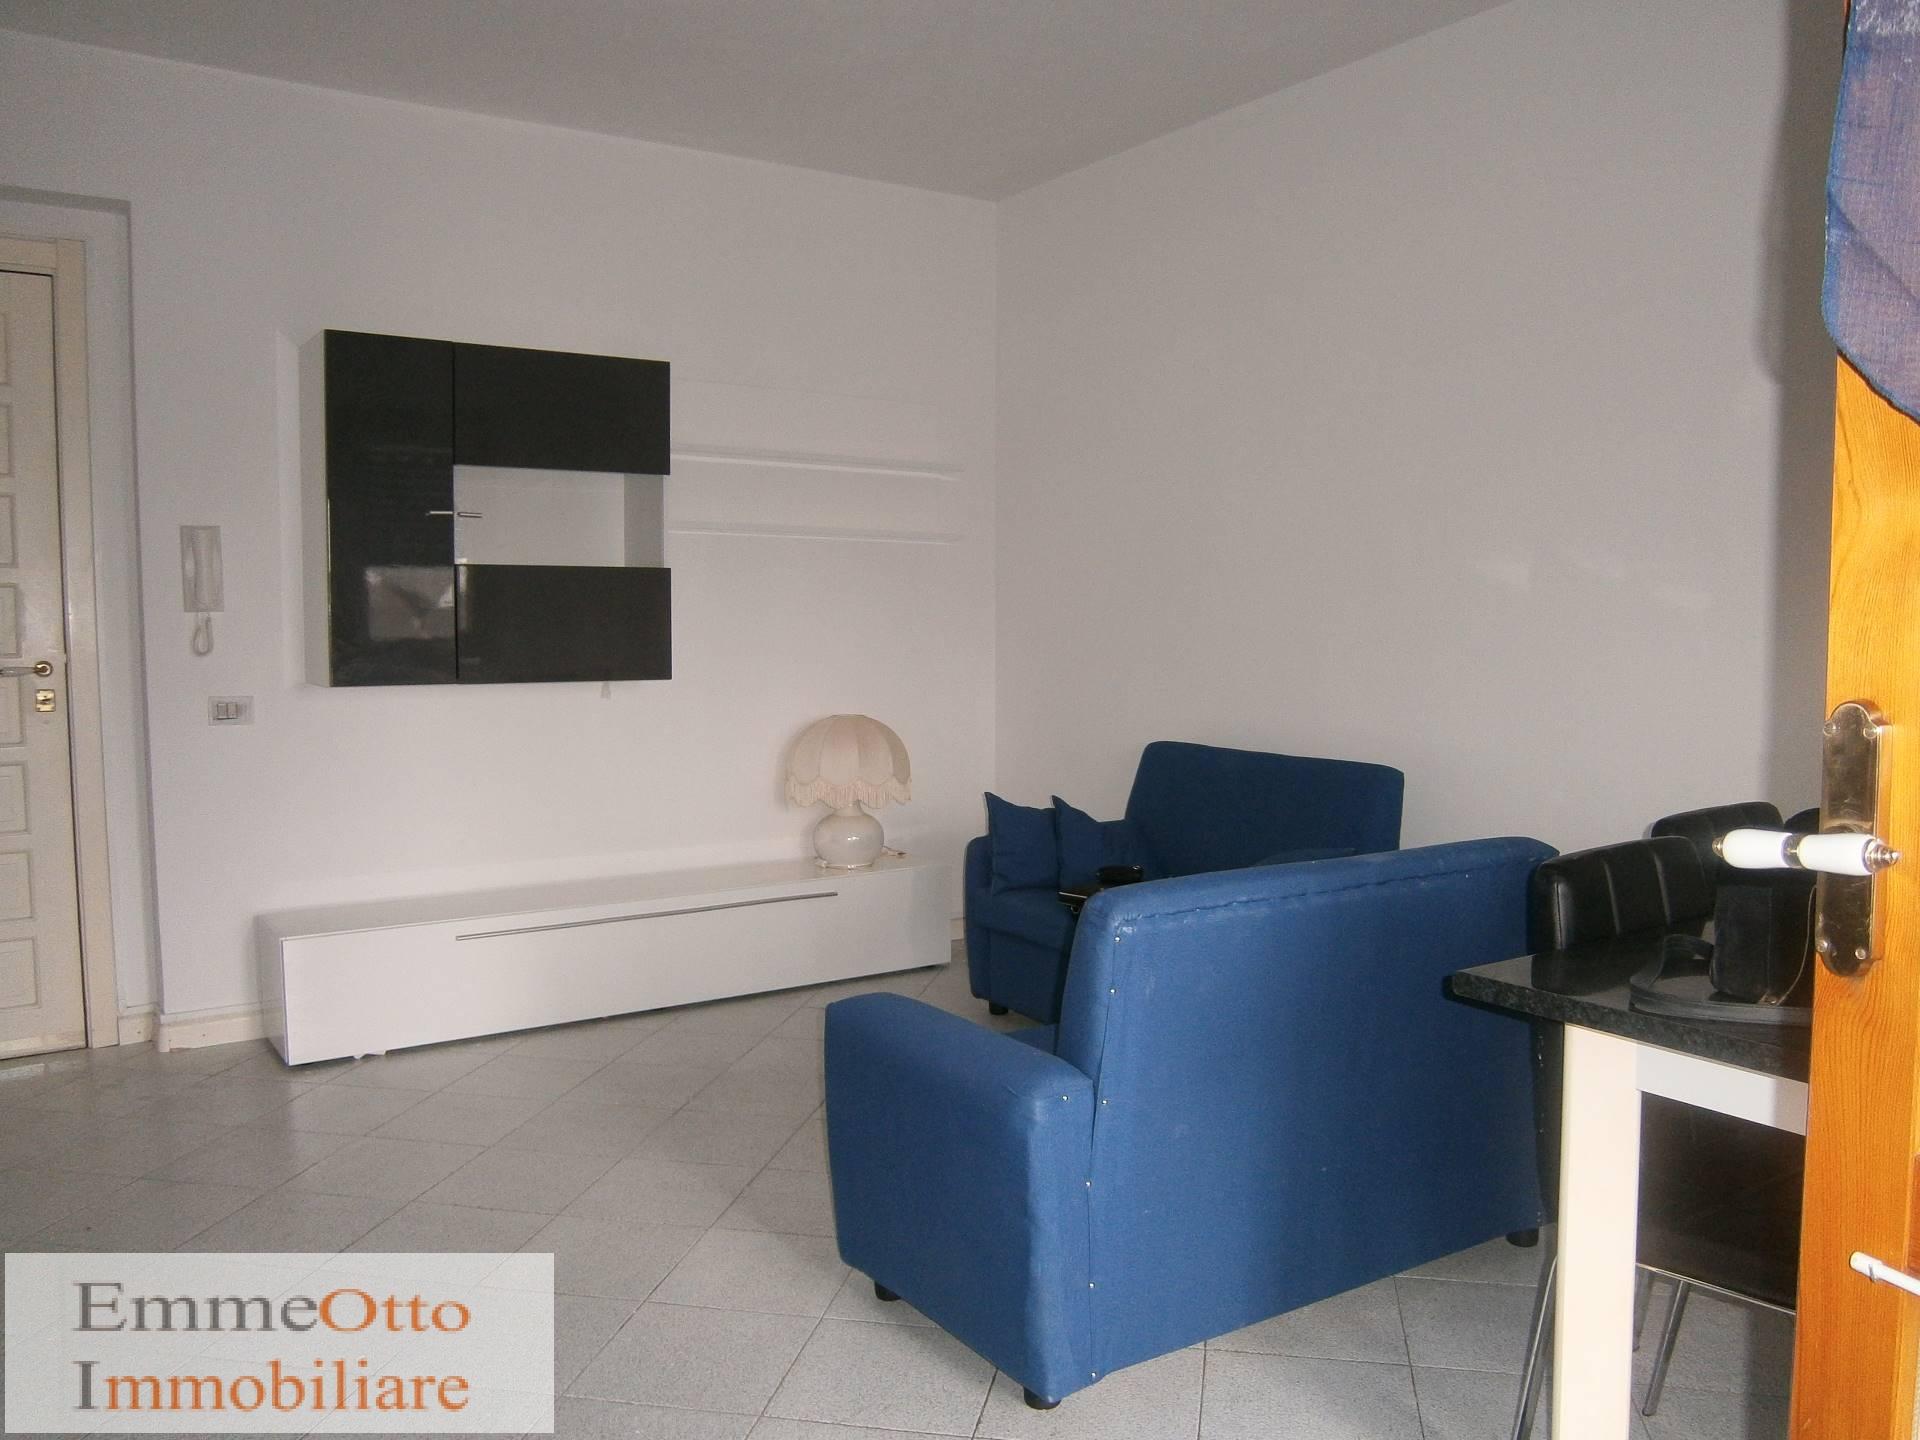 Appartamento in affitto a Quartu Sant'Elena, 2 locali, zona Località: PitzeSerra, prezzo € 430 | Cambio Casa.it